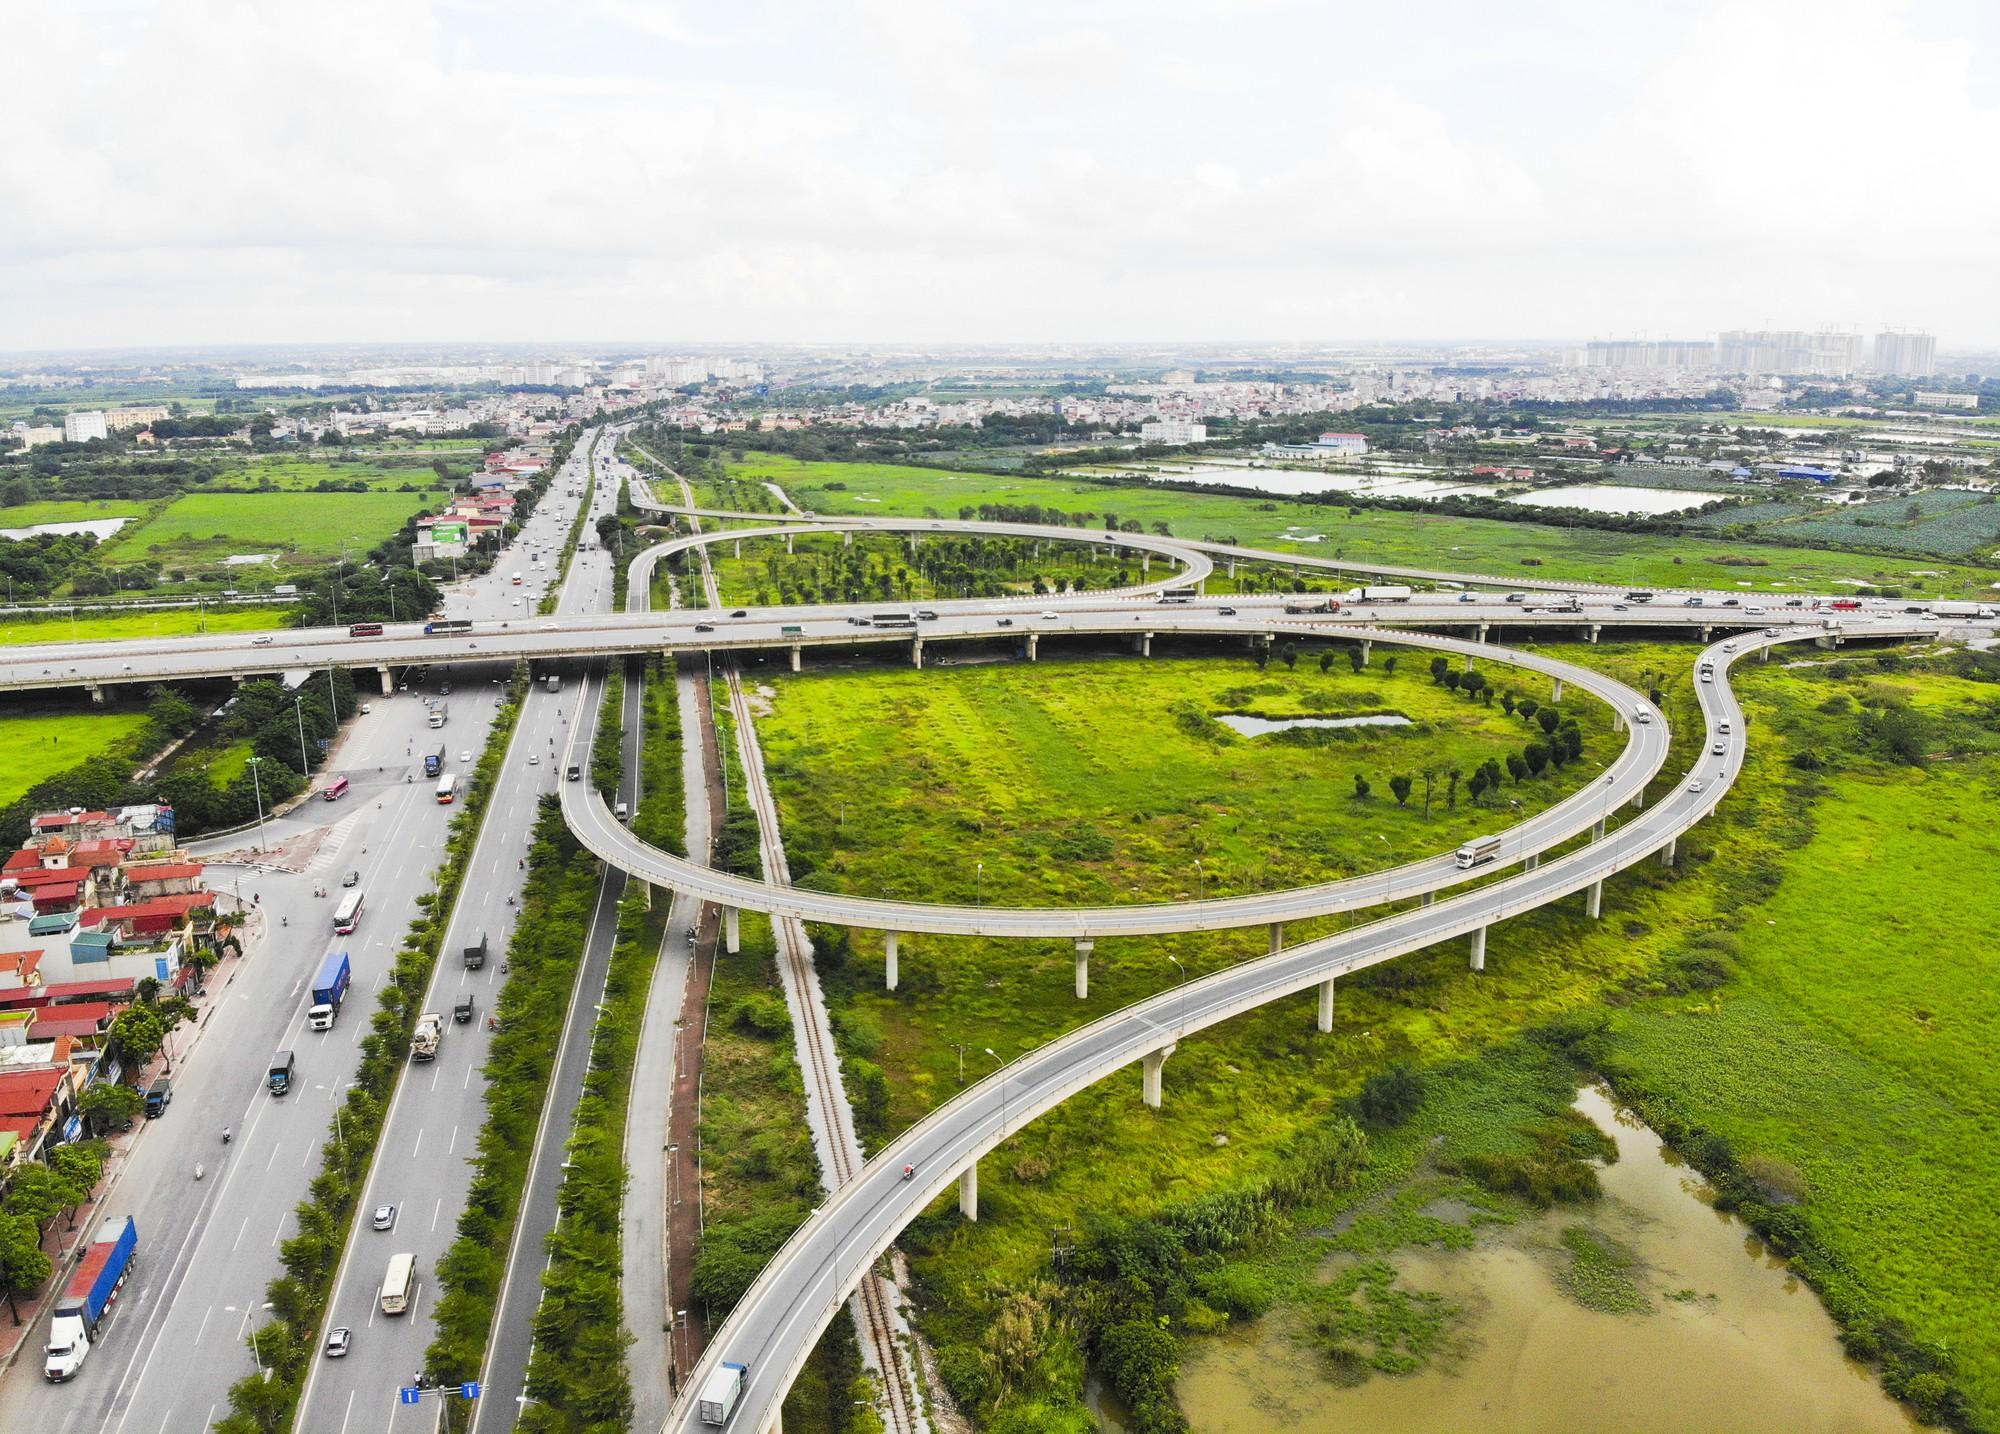 Những giao lộ khổng lồ thay đổi diện mạo cửa ngõ Thủ đô - Ảnh 9.